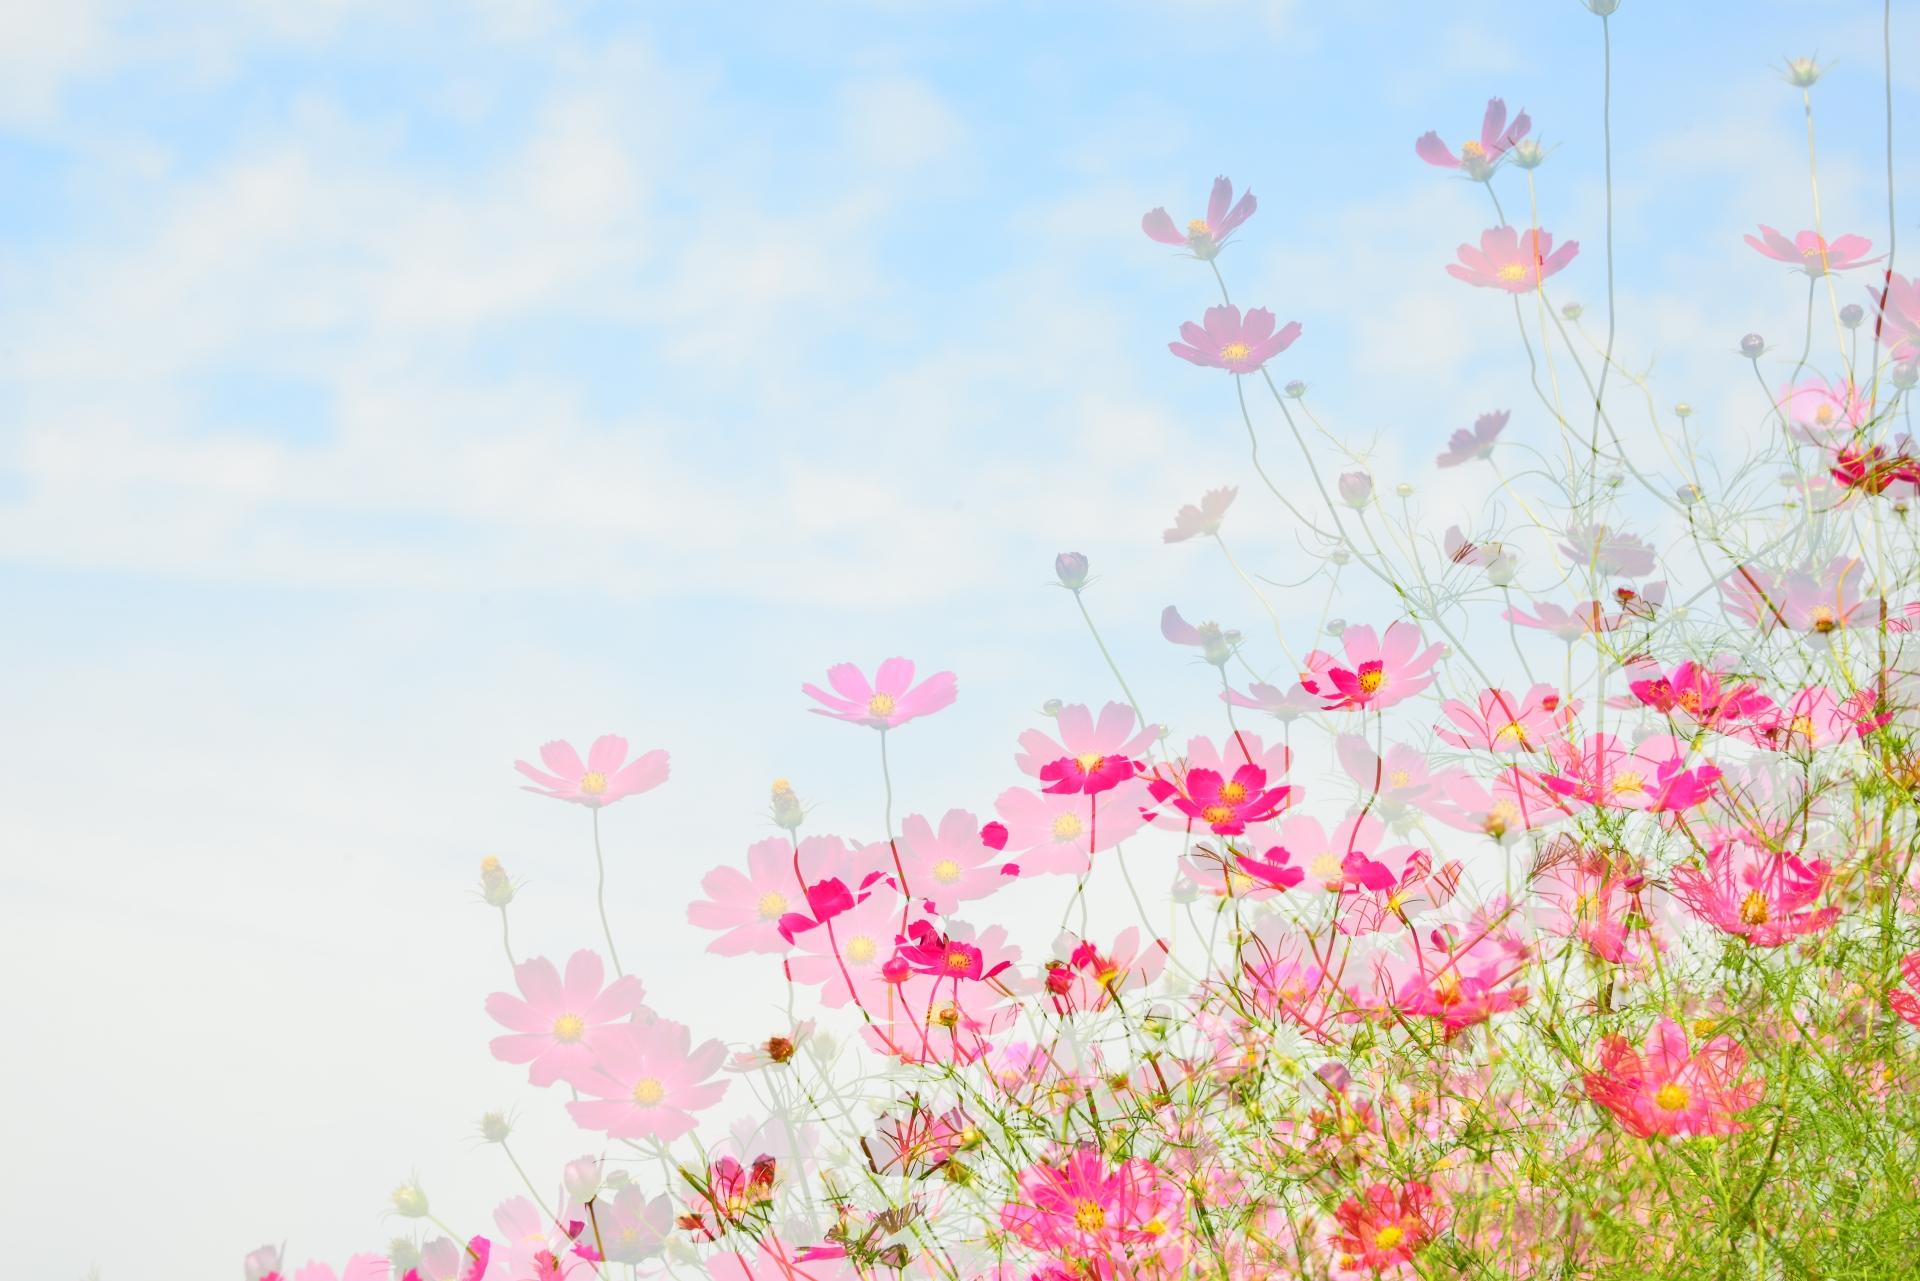 笠岡ベイファームのコスモス畑の見頃・開花はいつ?コスモスフェスも